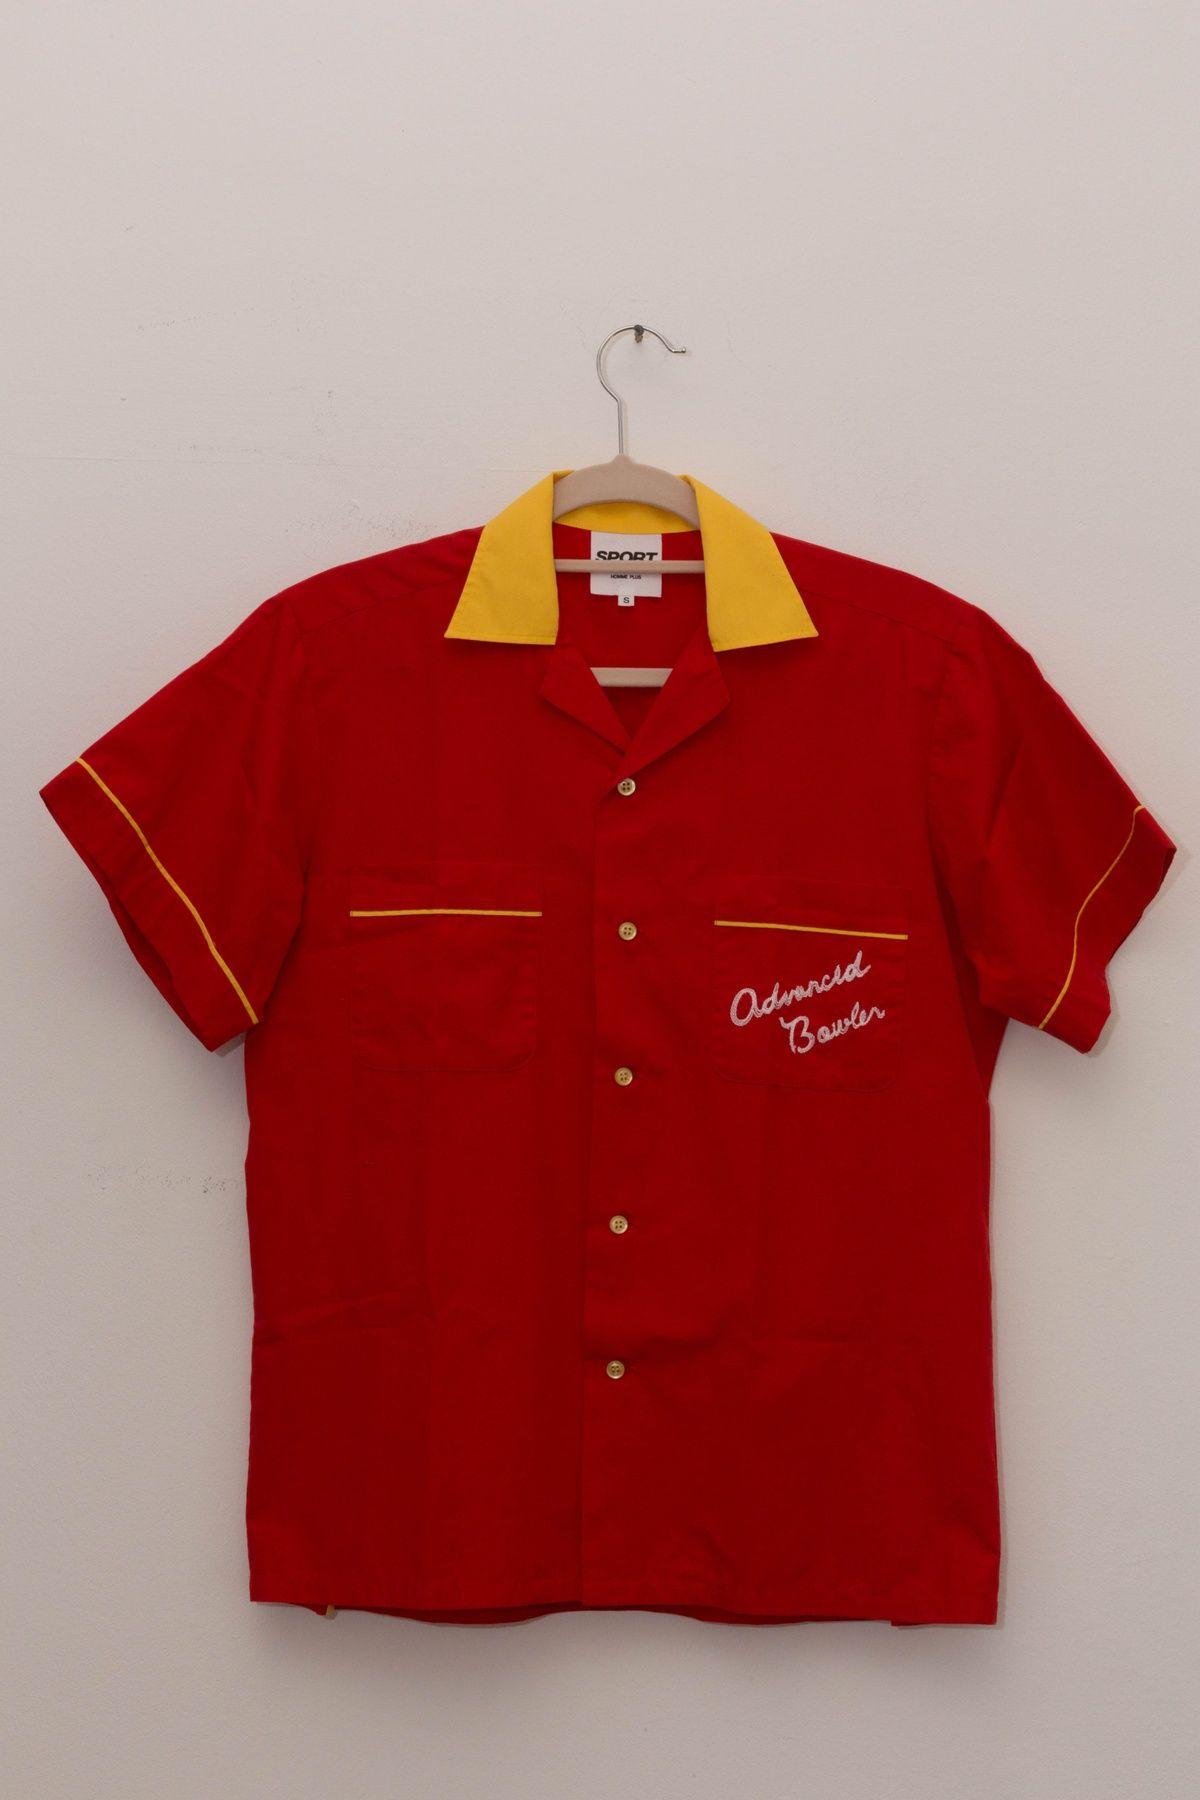 017cd3cb17b Buy Comme Des Garcons Homme Plus Comme Des Garcons HOMME PLUS SPORT Bowling  CLub Shirt MEDIUM